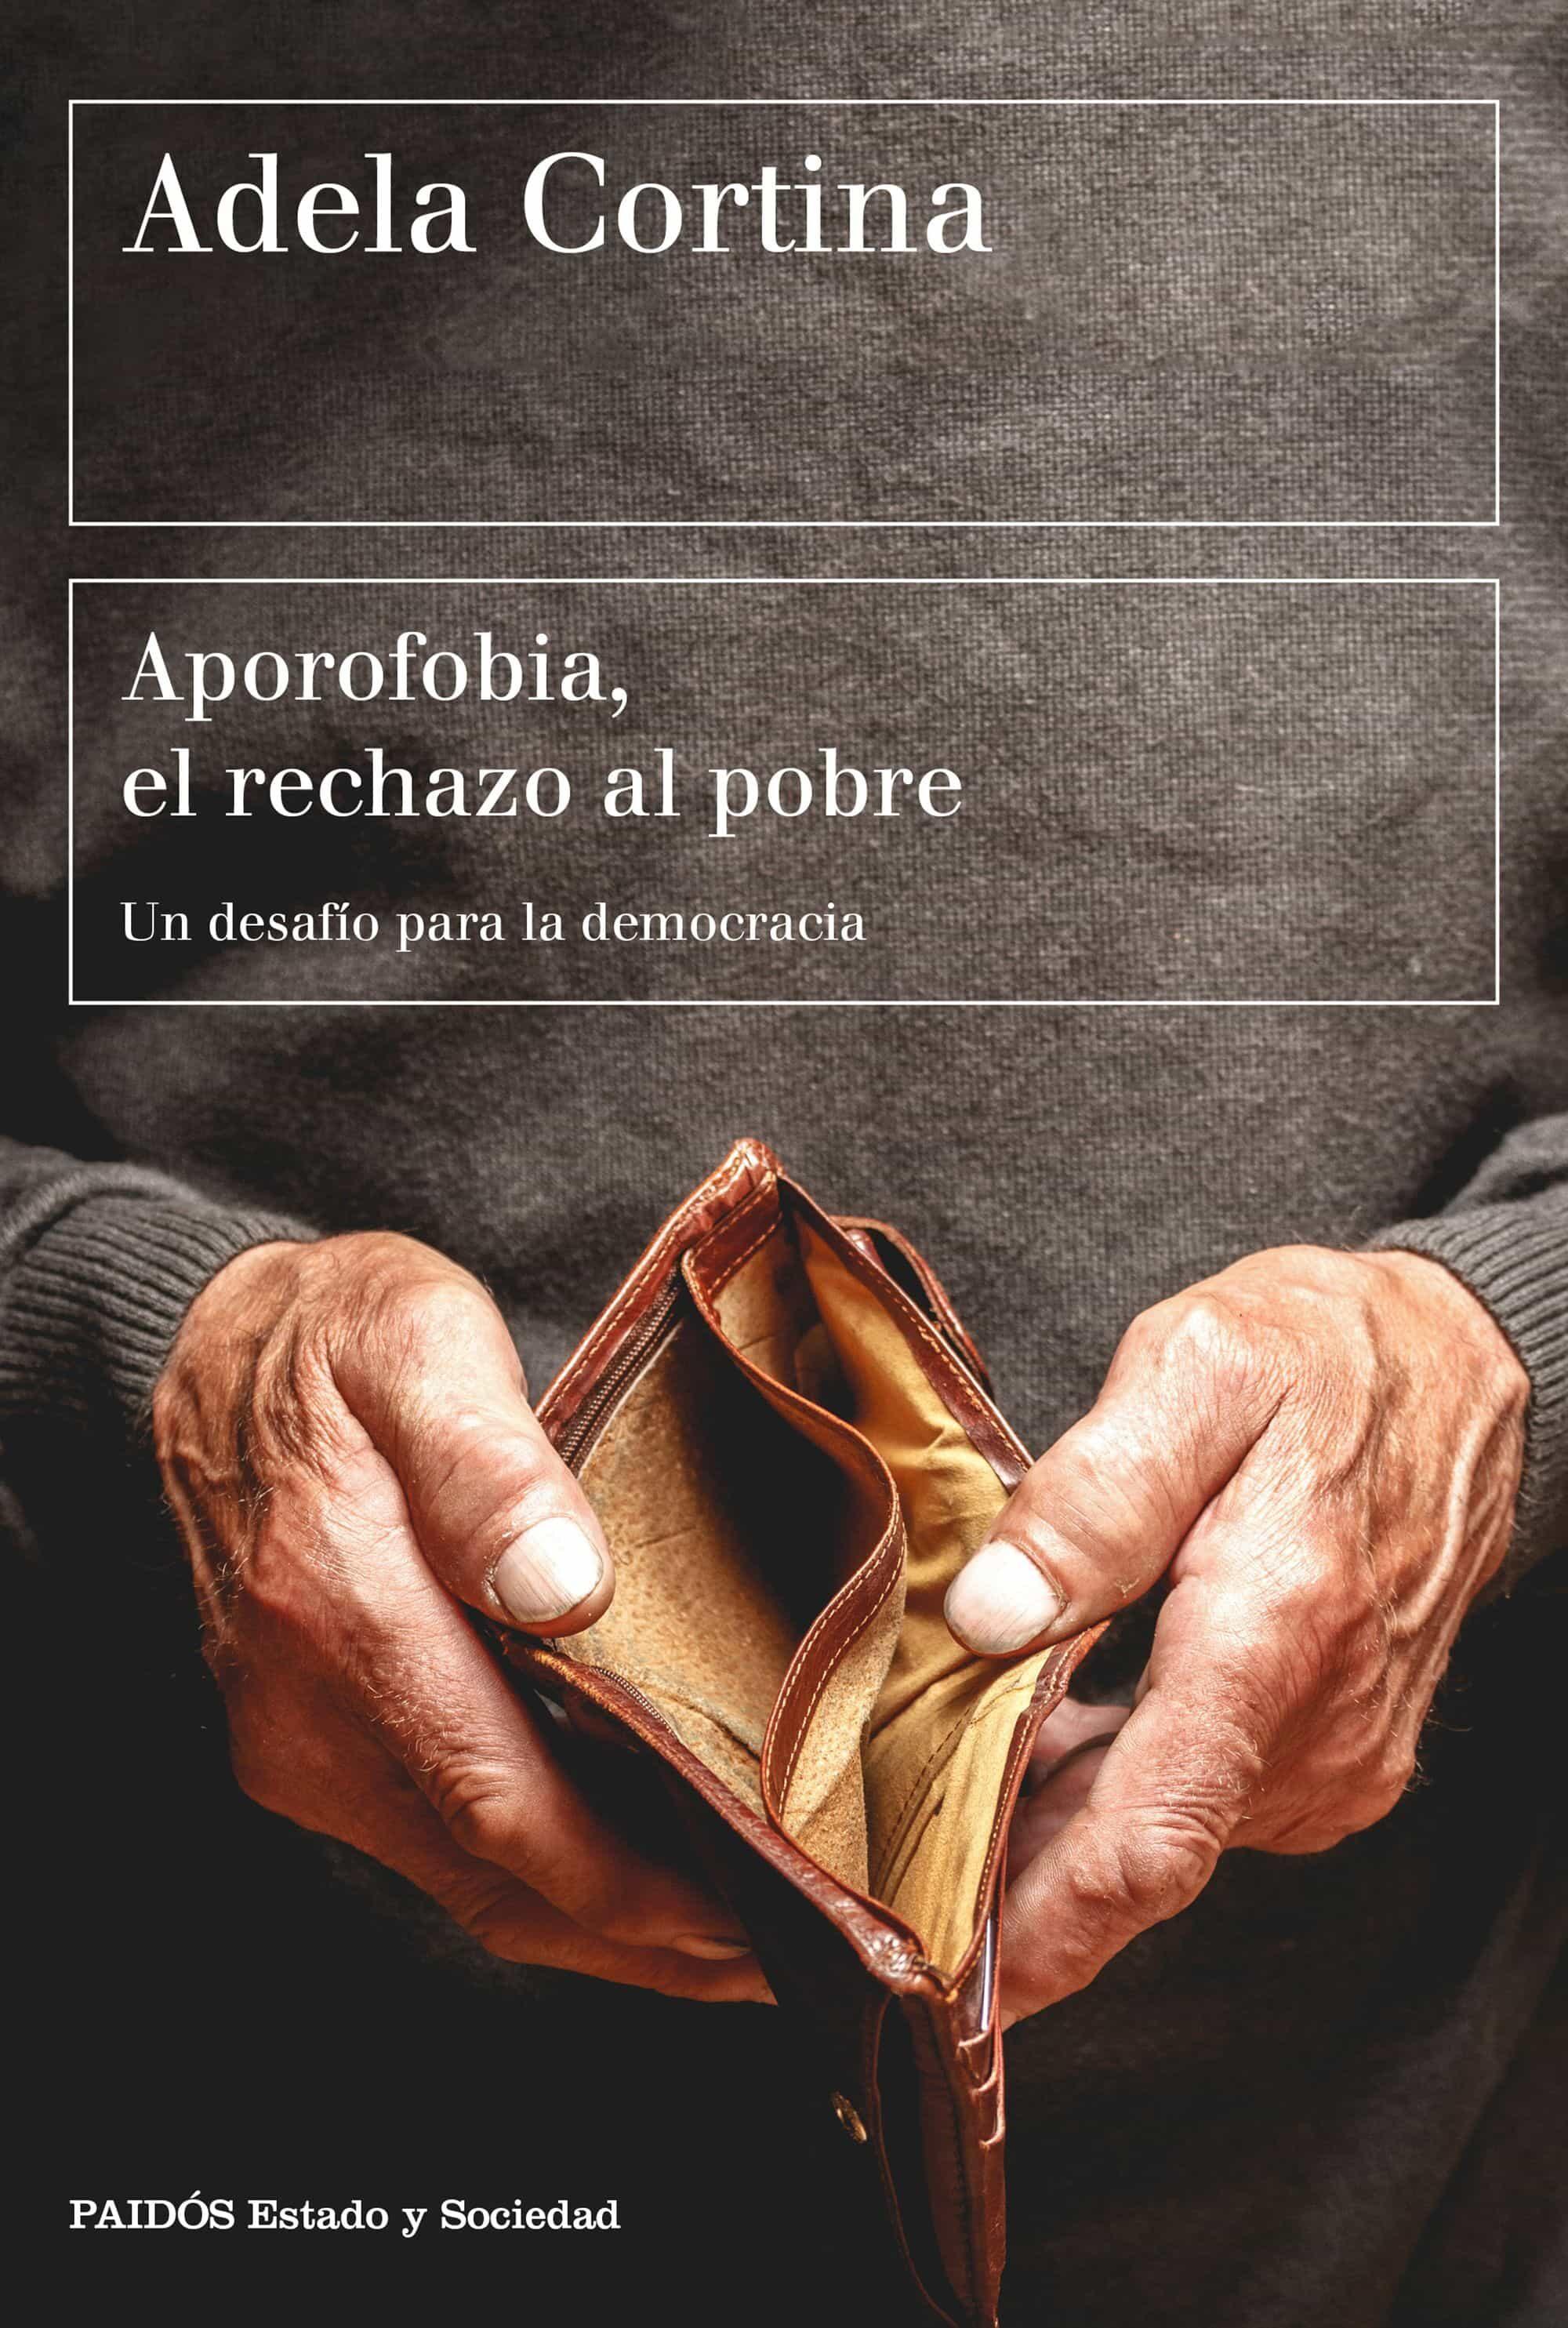 aporofobia, el rechazo al pobre: un desafio para la sociedad democratica-adela cortina orts-9788449333385